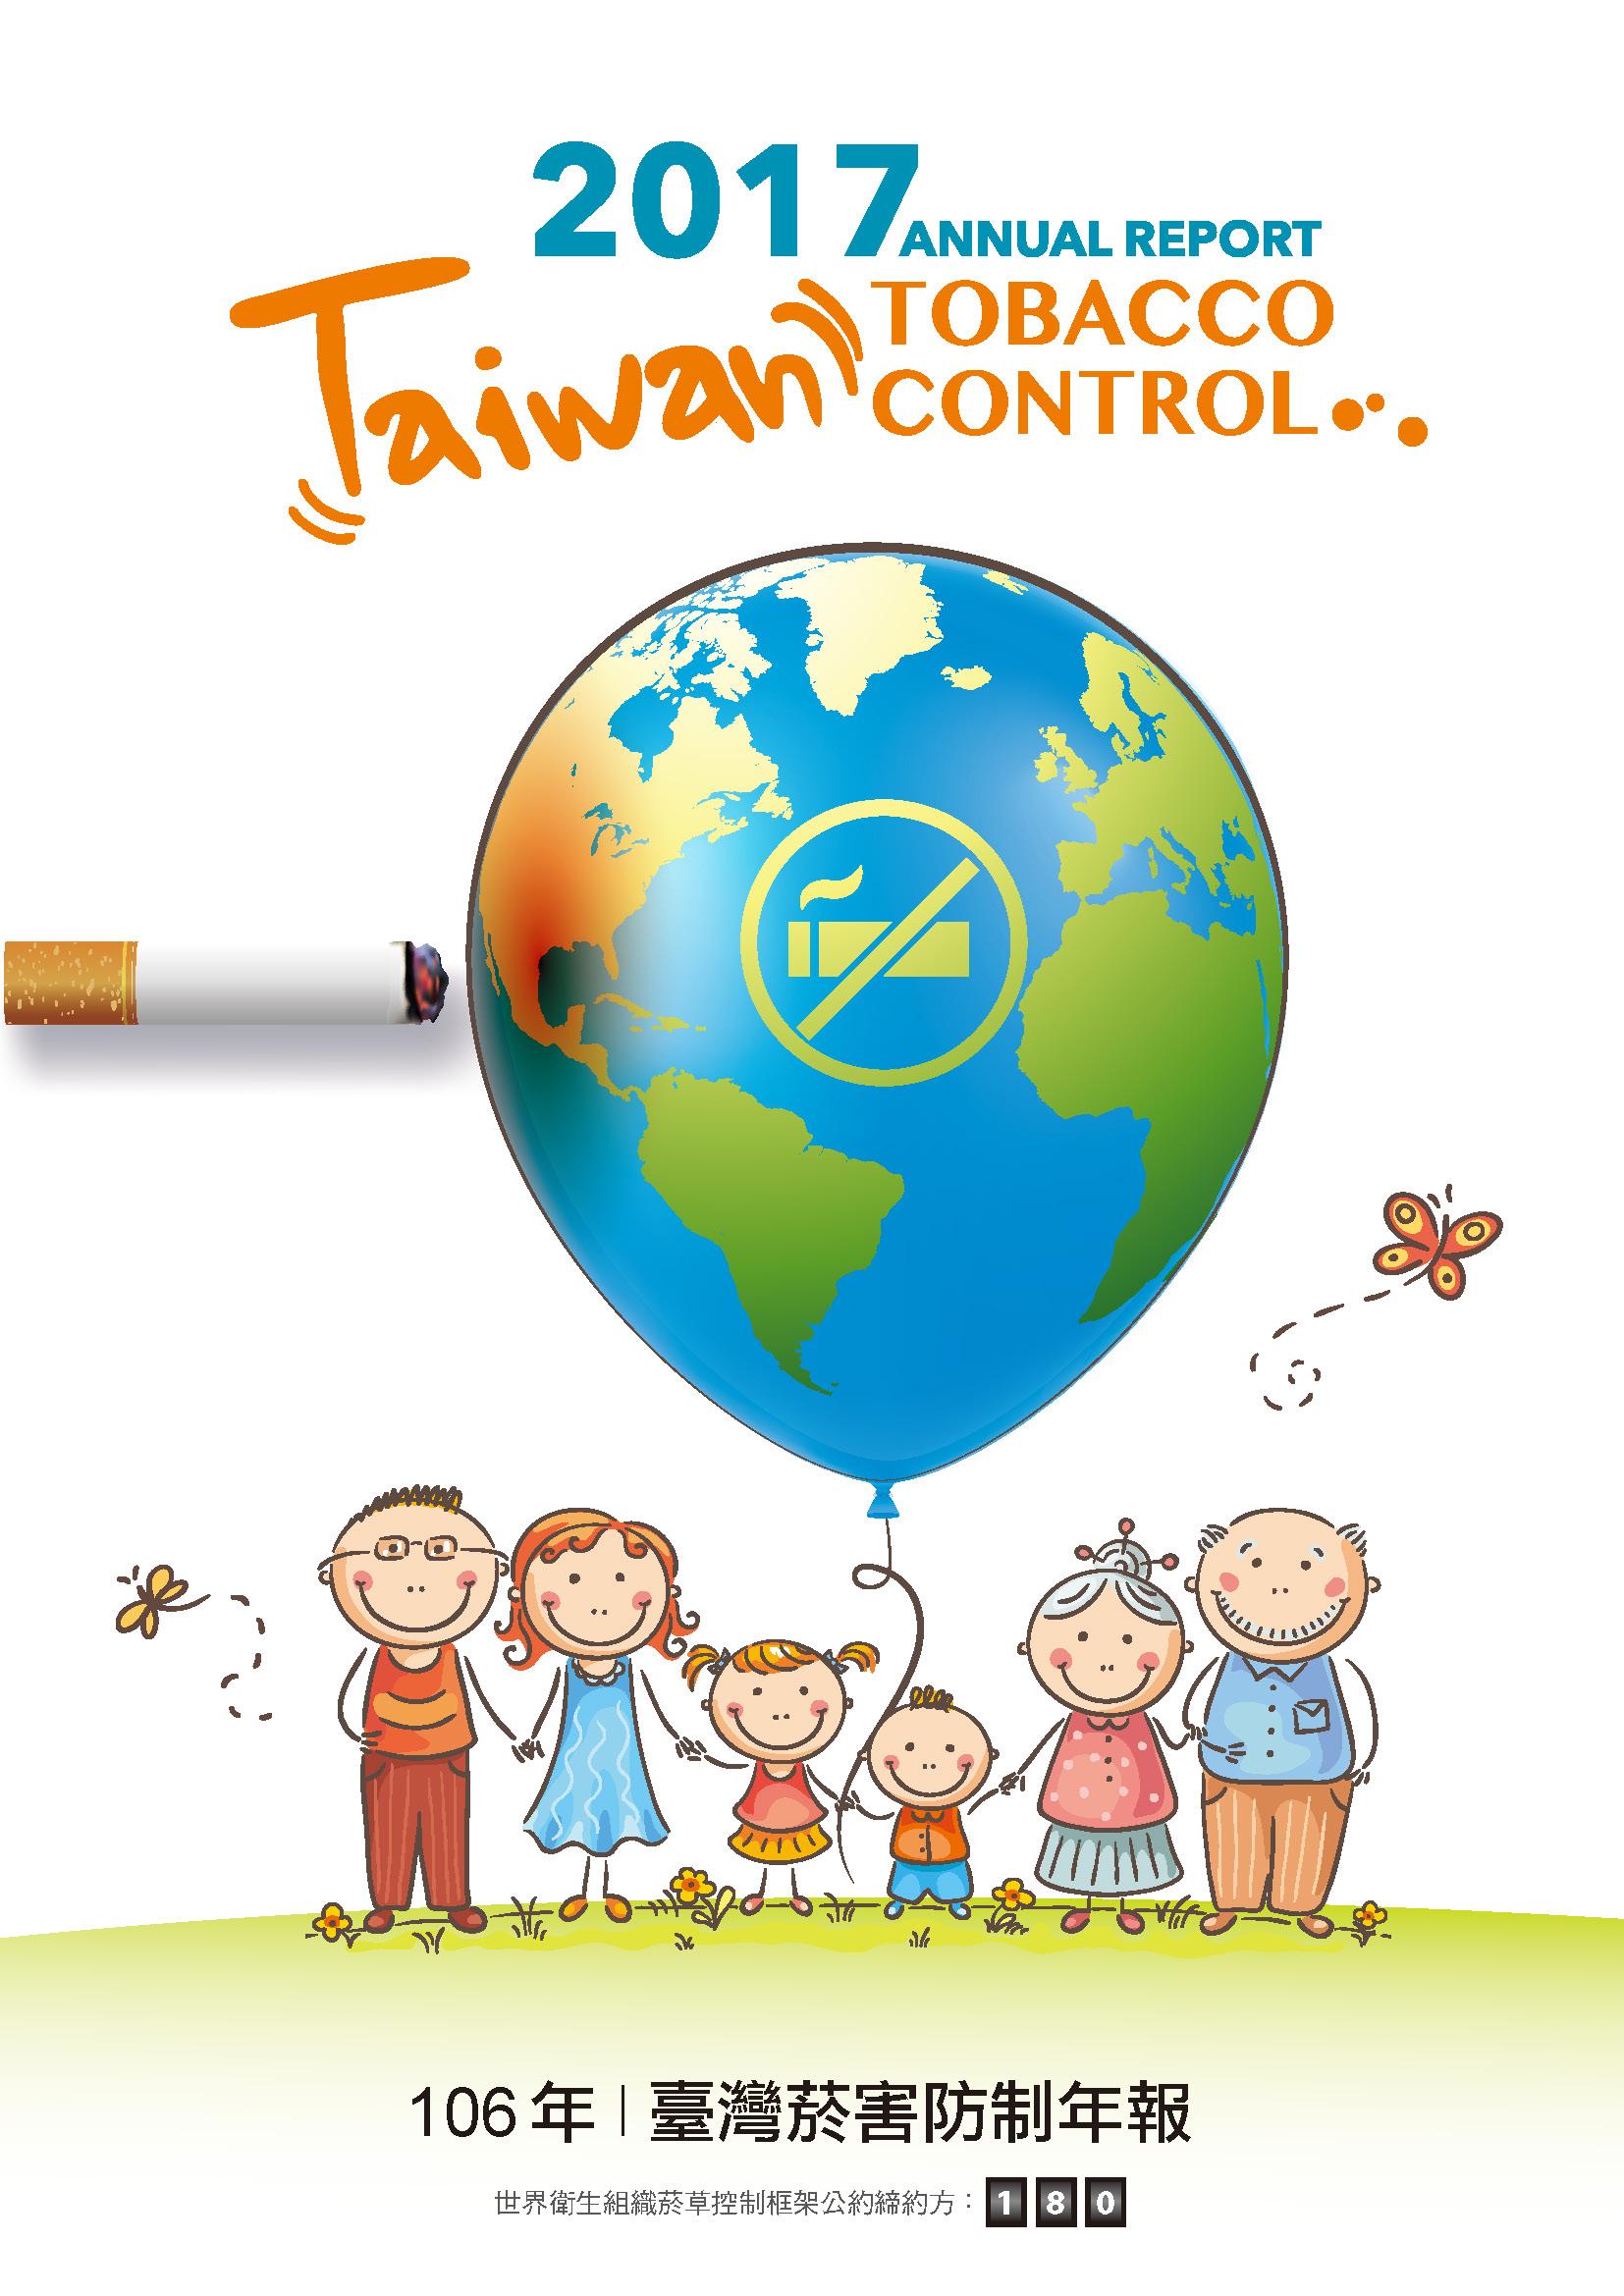 2017年台灣菸害防制年報